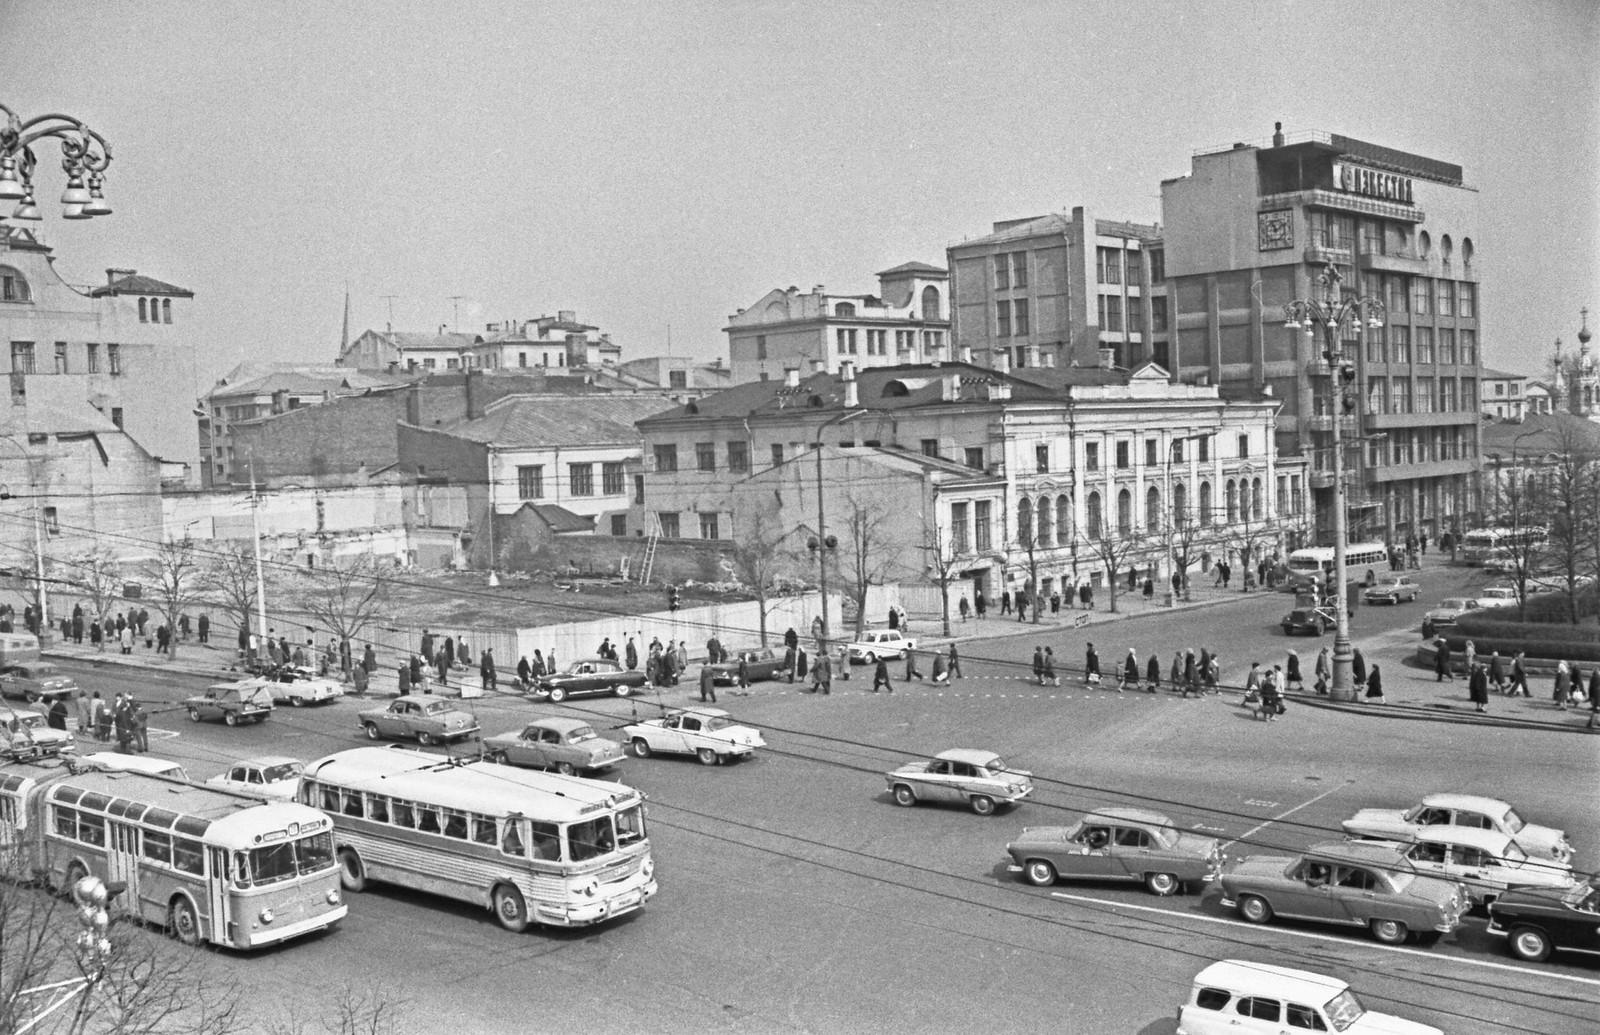 1967. Пушкинская площадь, строительство нового здания «Известий»